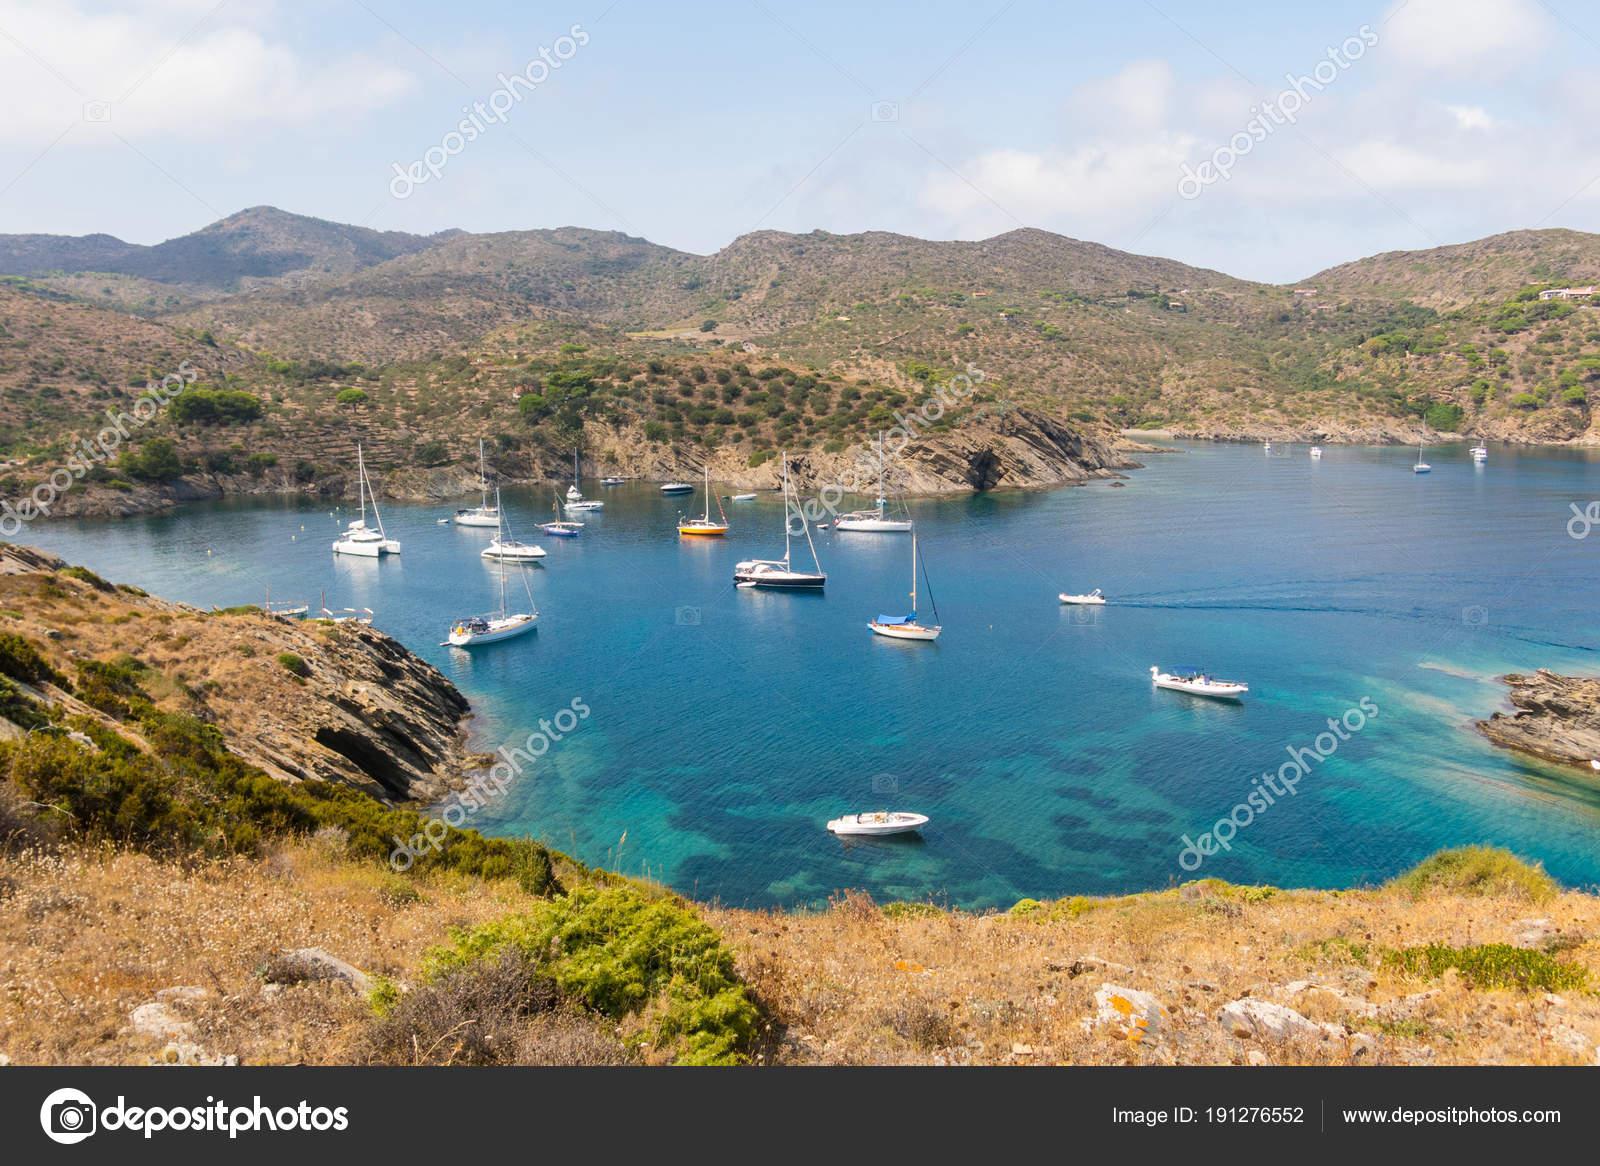 a804d646b1badc Boote und Segelboote Ankern in einer kleinen Bucht im Cap de Creus  Naturpark